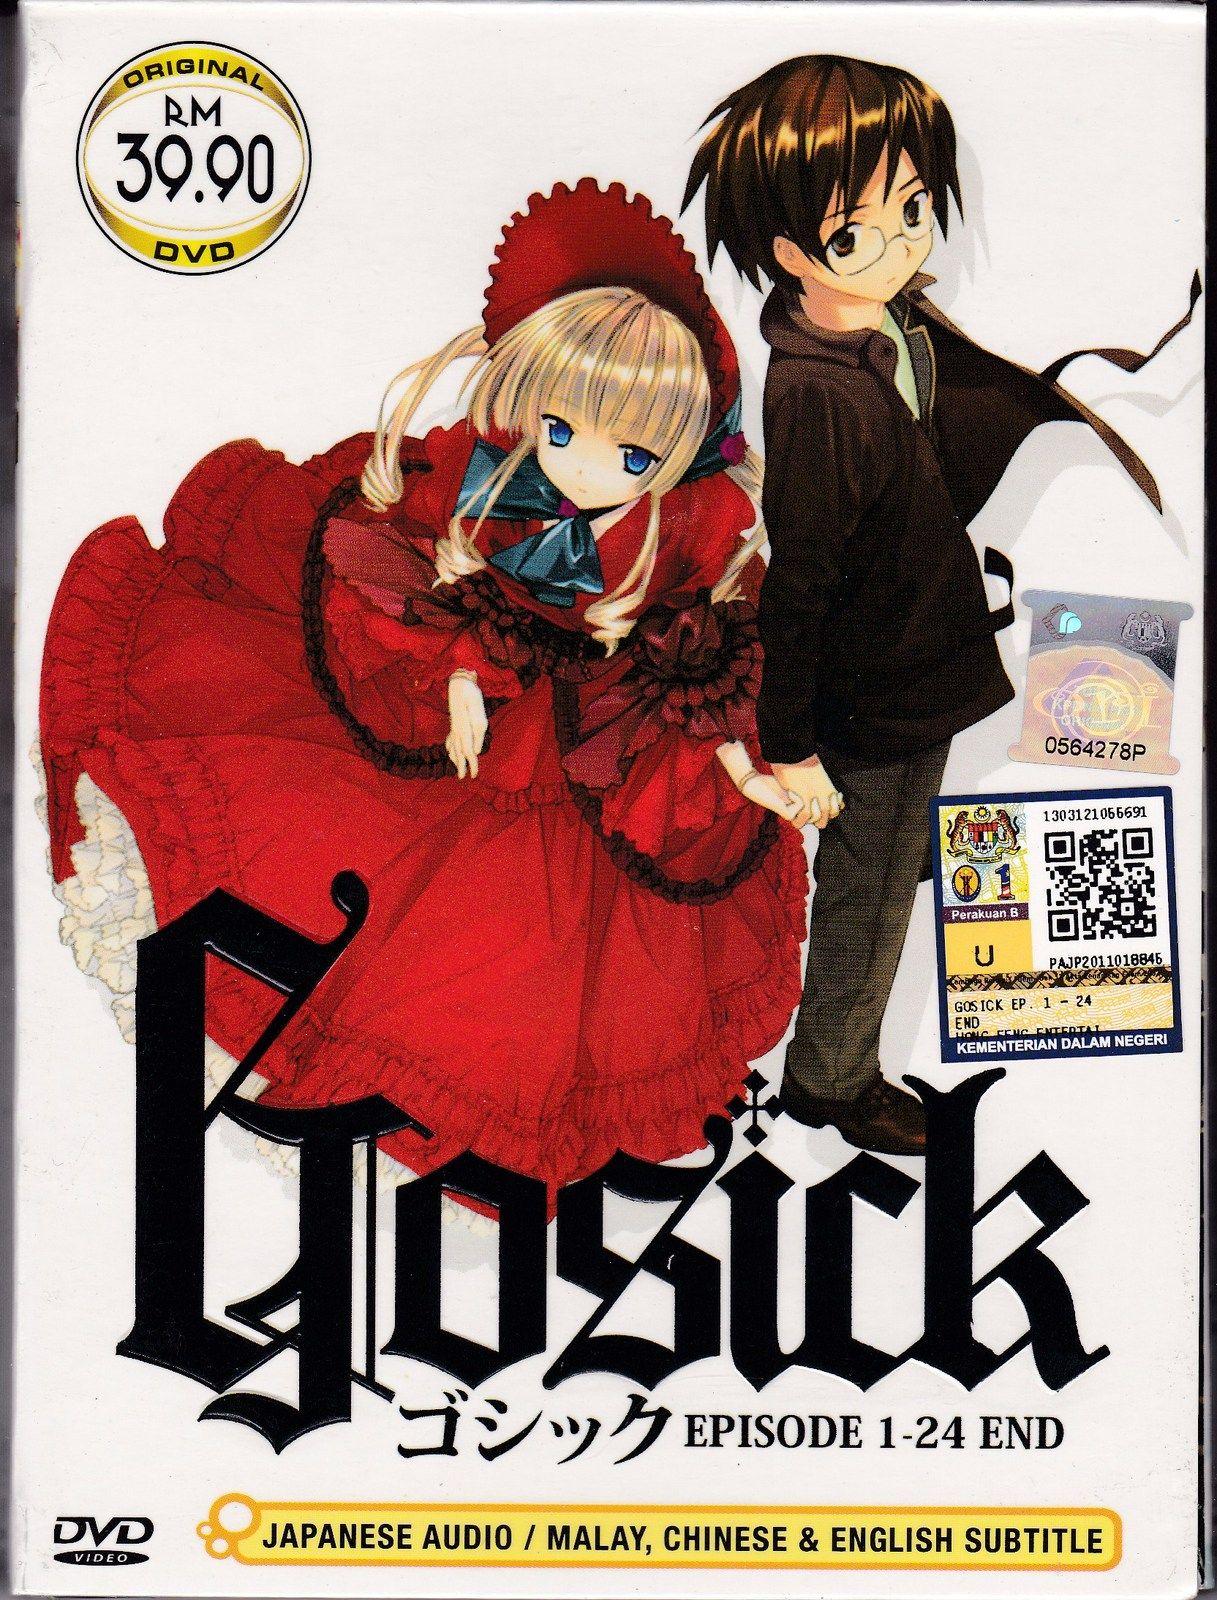 DVD ANIME GOSICK Episode 124End TV Series Region All Goshikku